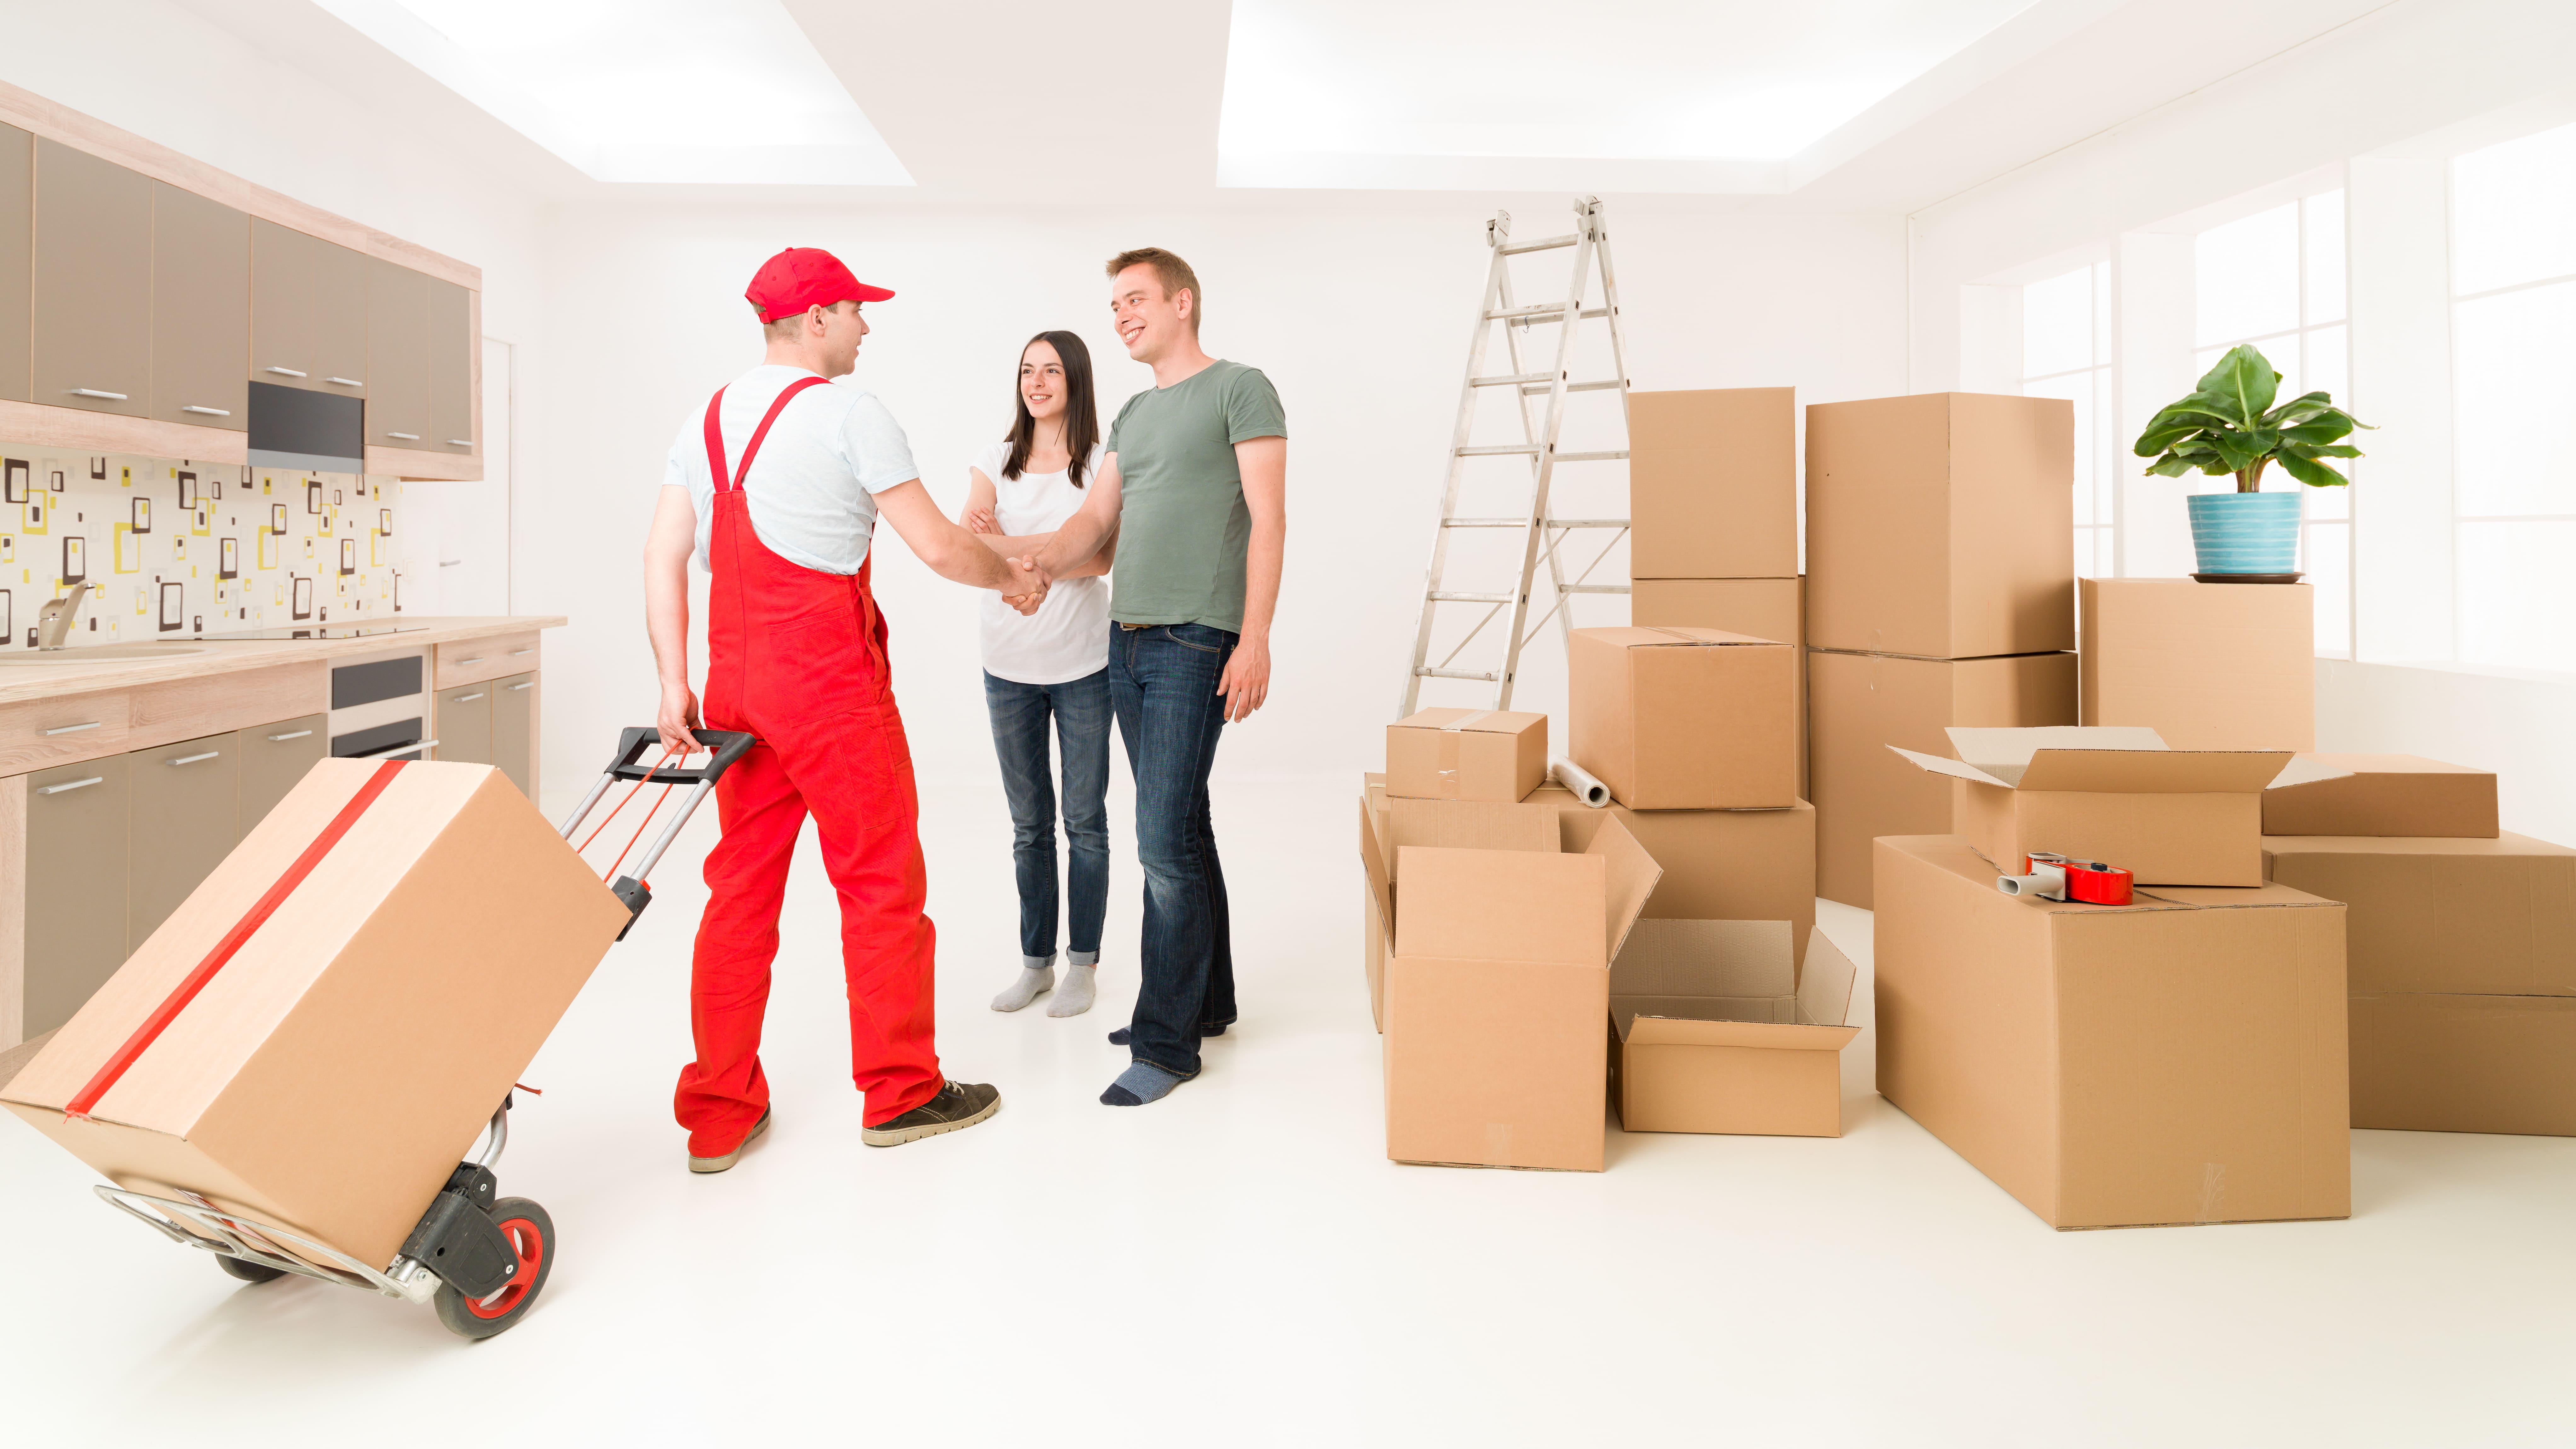 Imagem de uma equipe auxiliando na mudança de casa de uma família depois que um empreendedor resolveu abrir uma empresa de mudanças